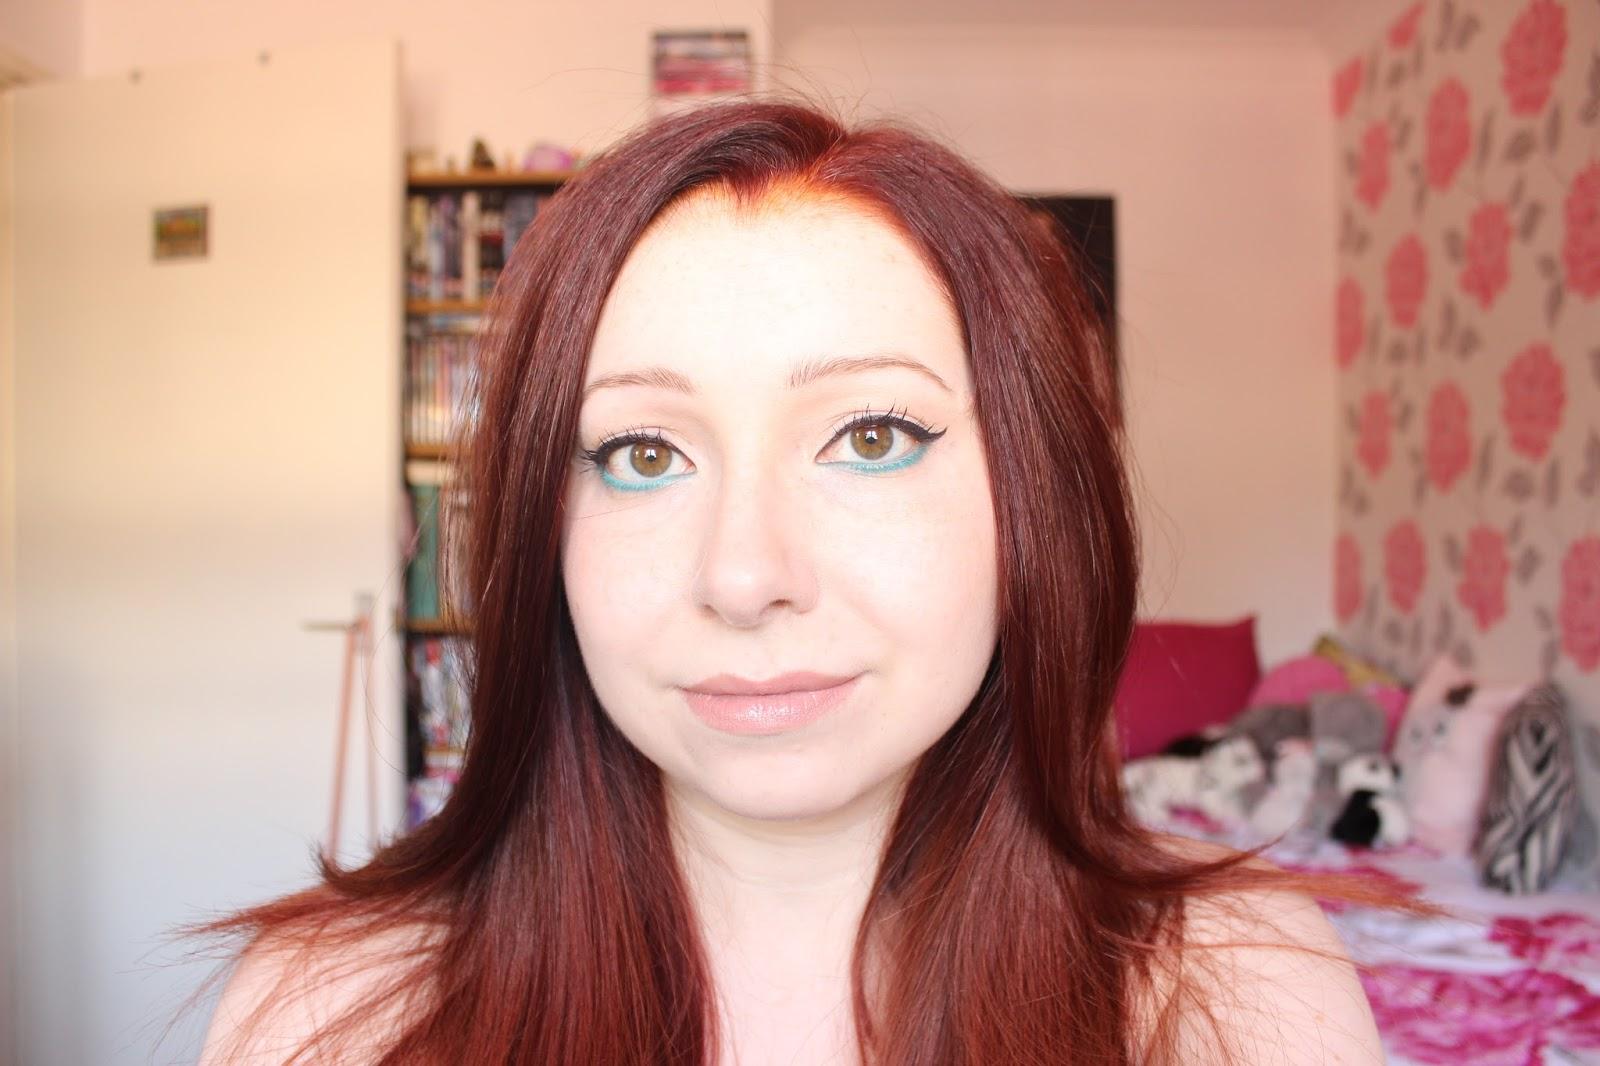 Makeup: Turquoise Eyes